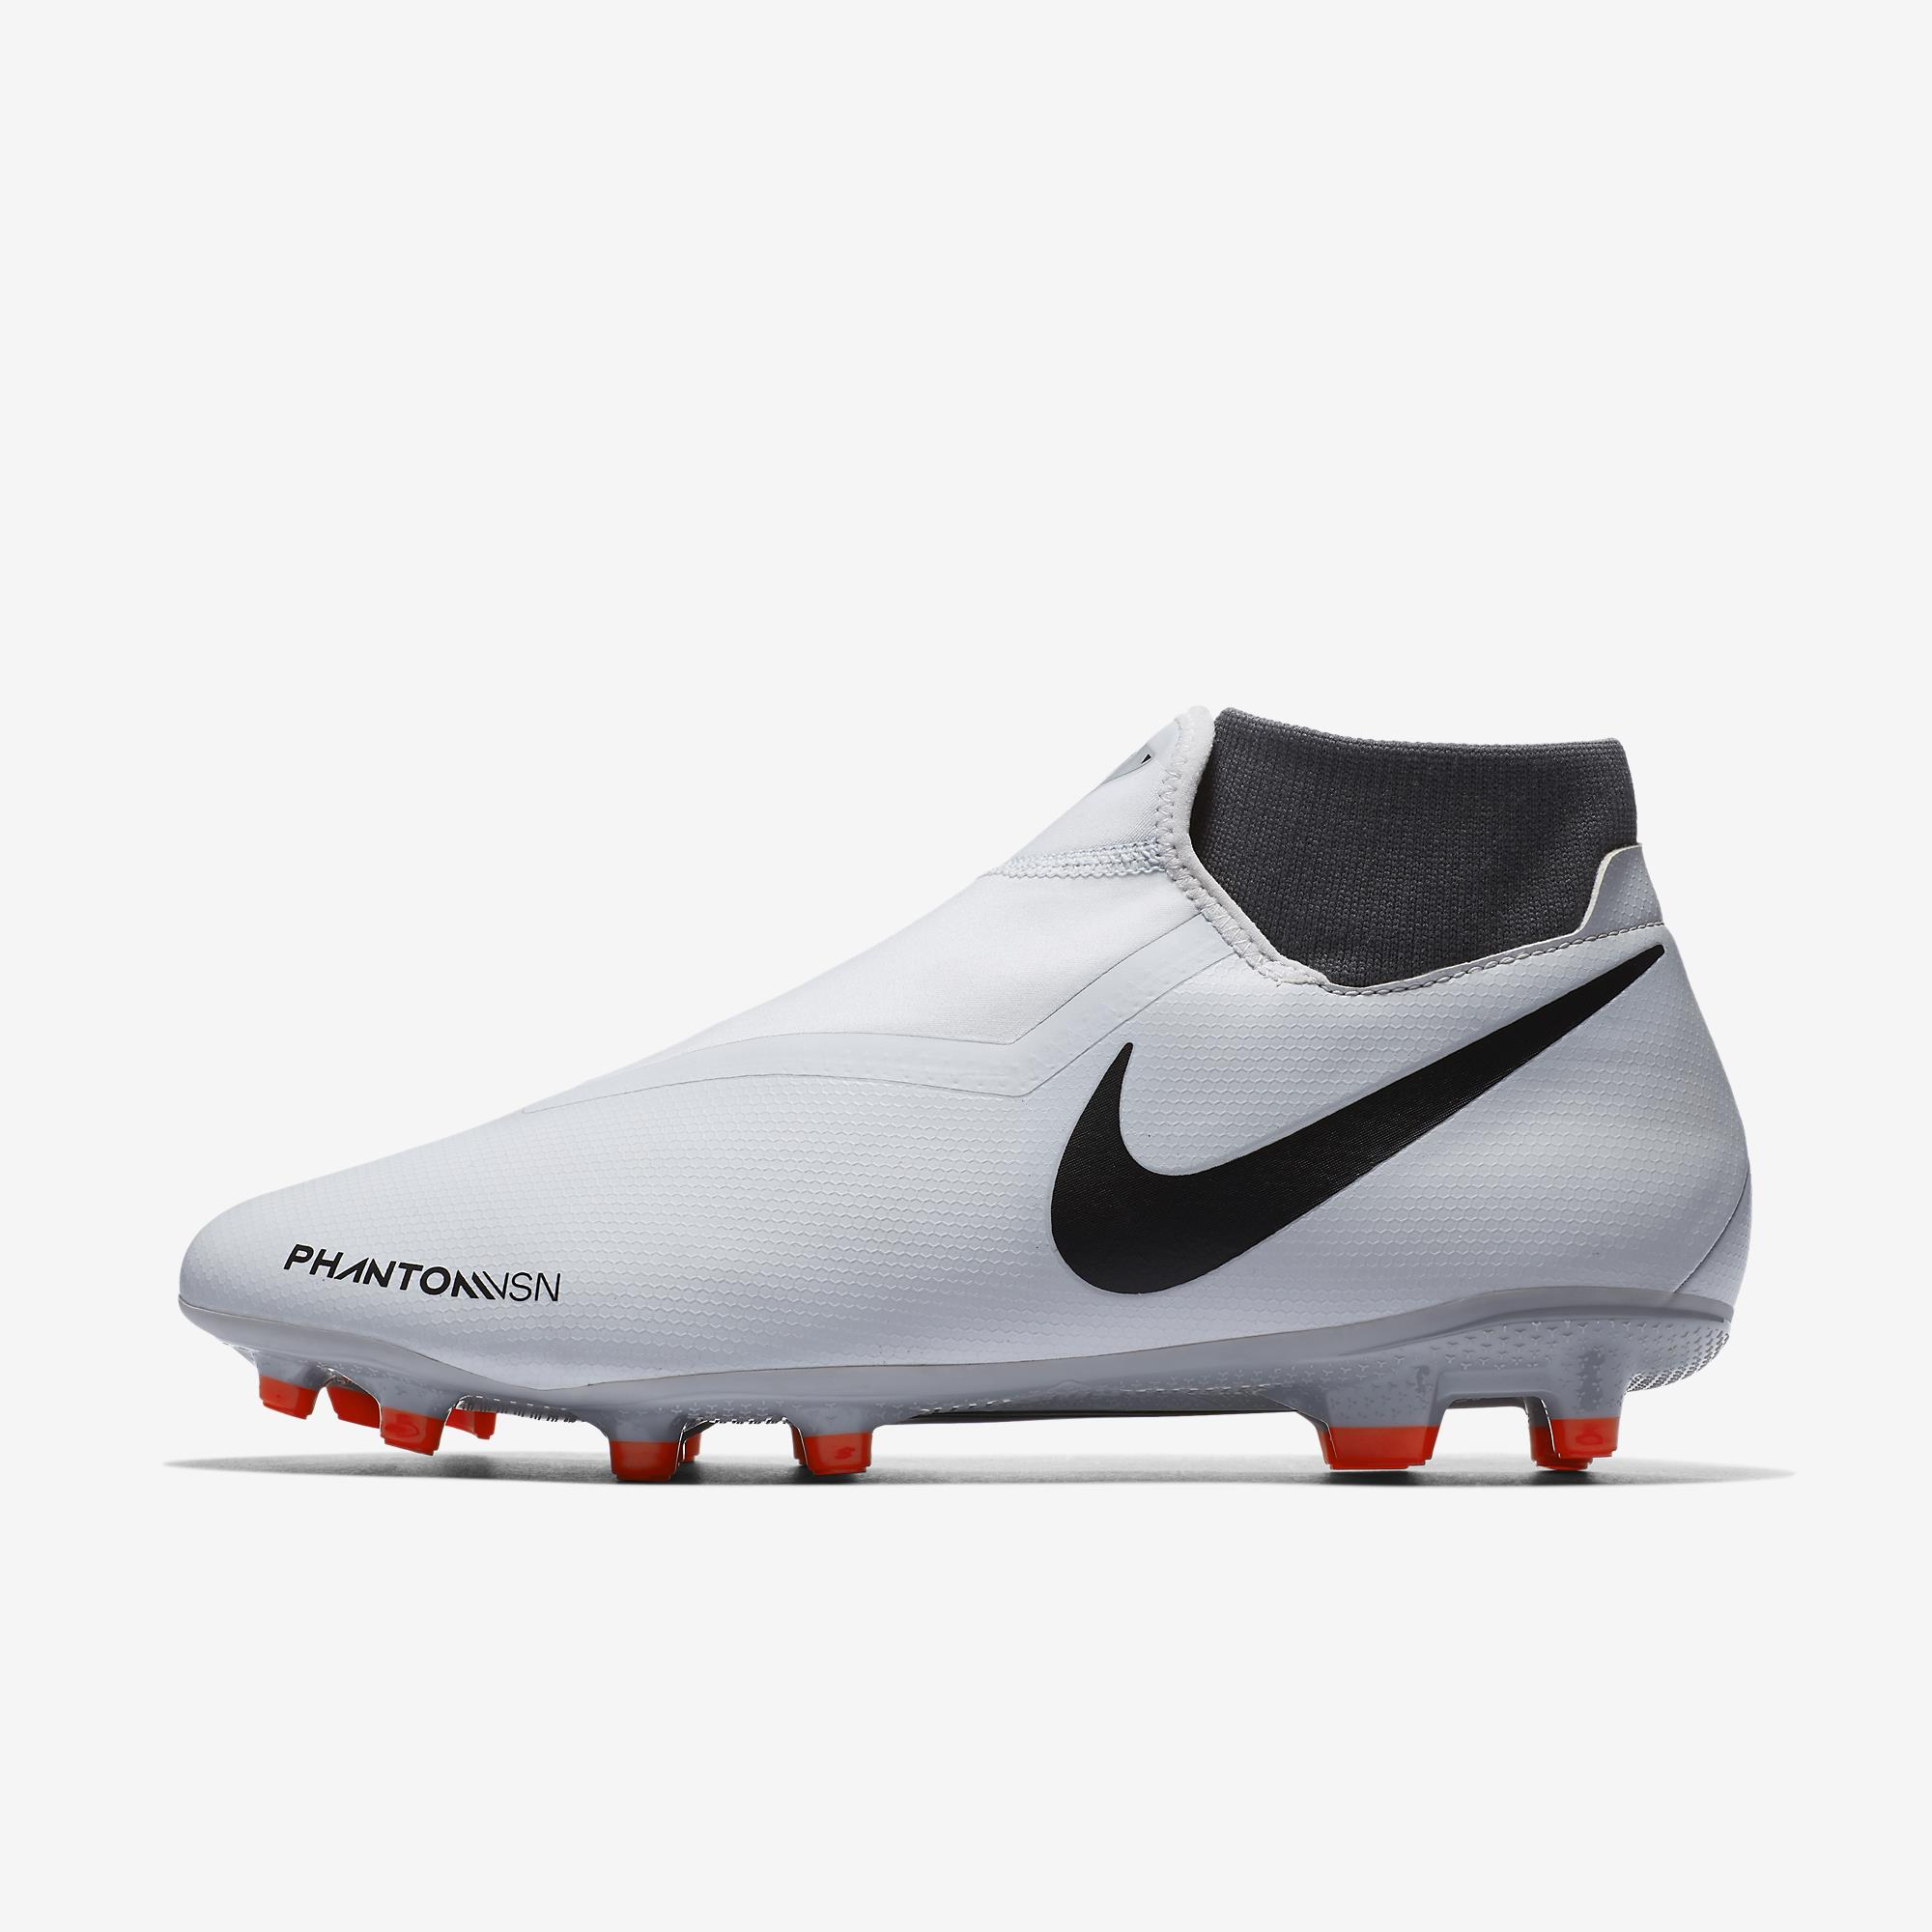 b17e373546 Nike e Centauro promovem Experiência Phantom Vision – : : CidadeMarketing :  :